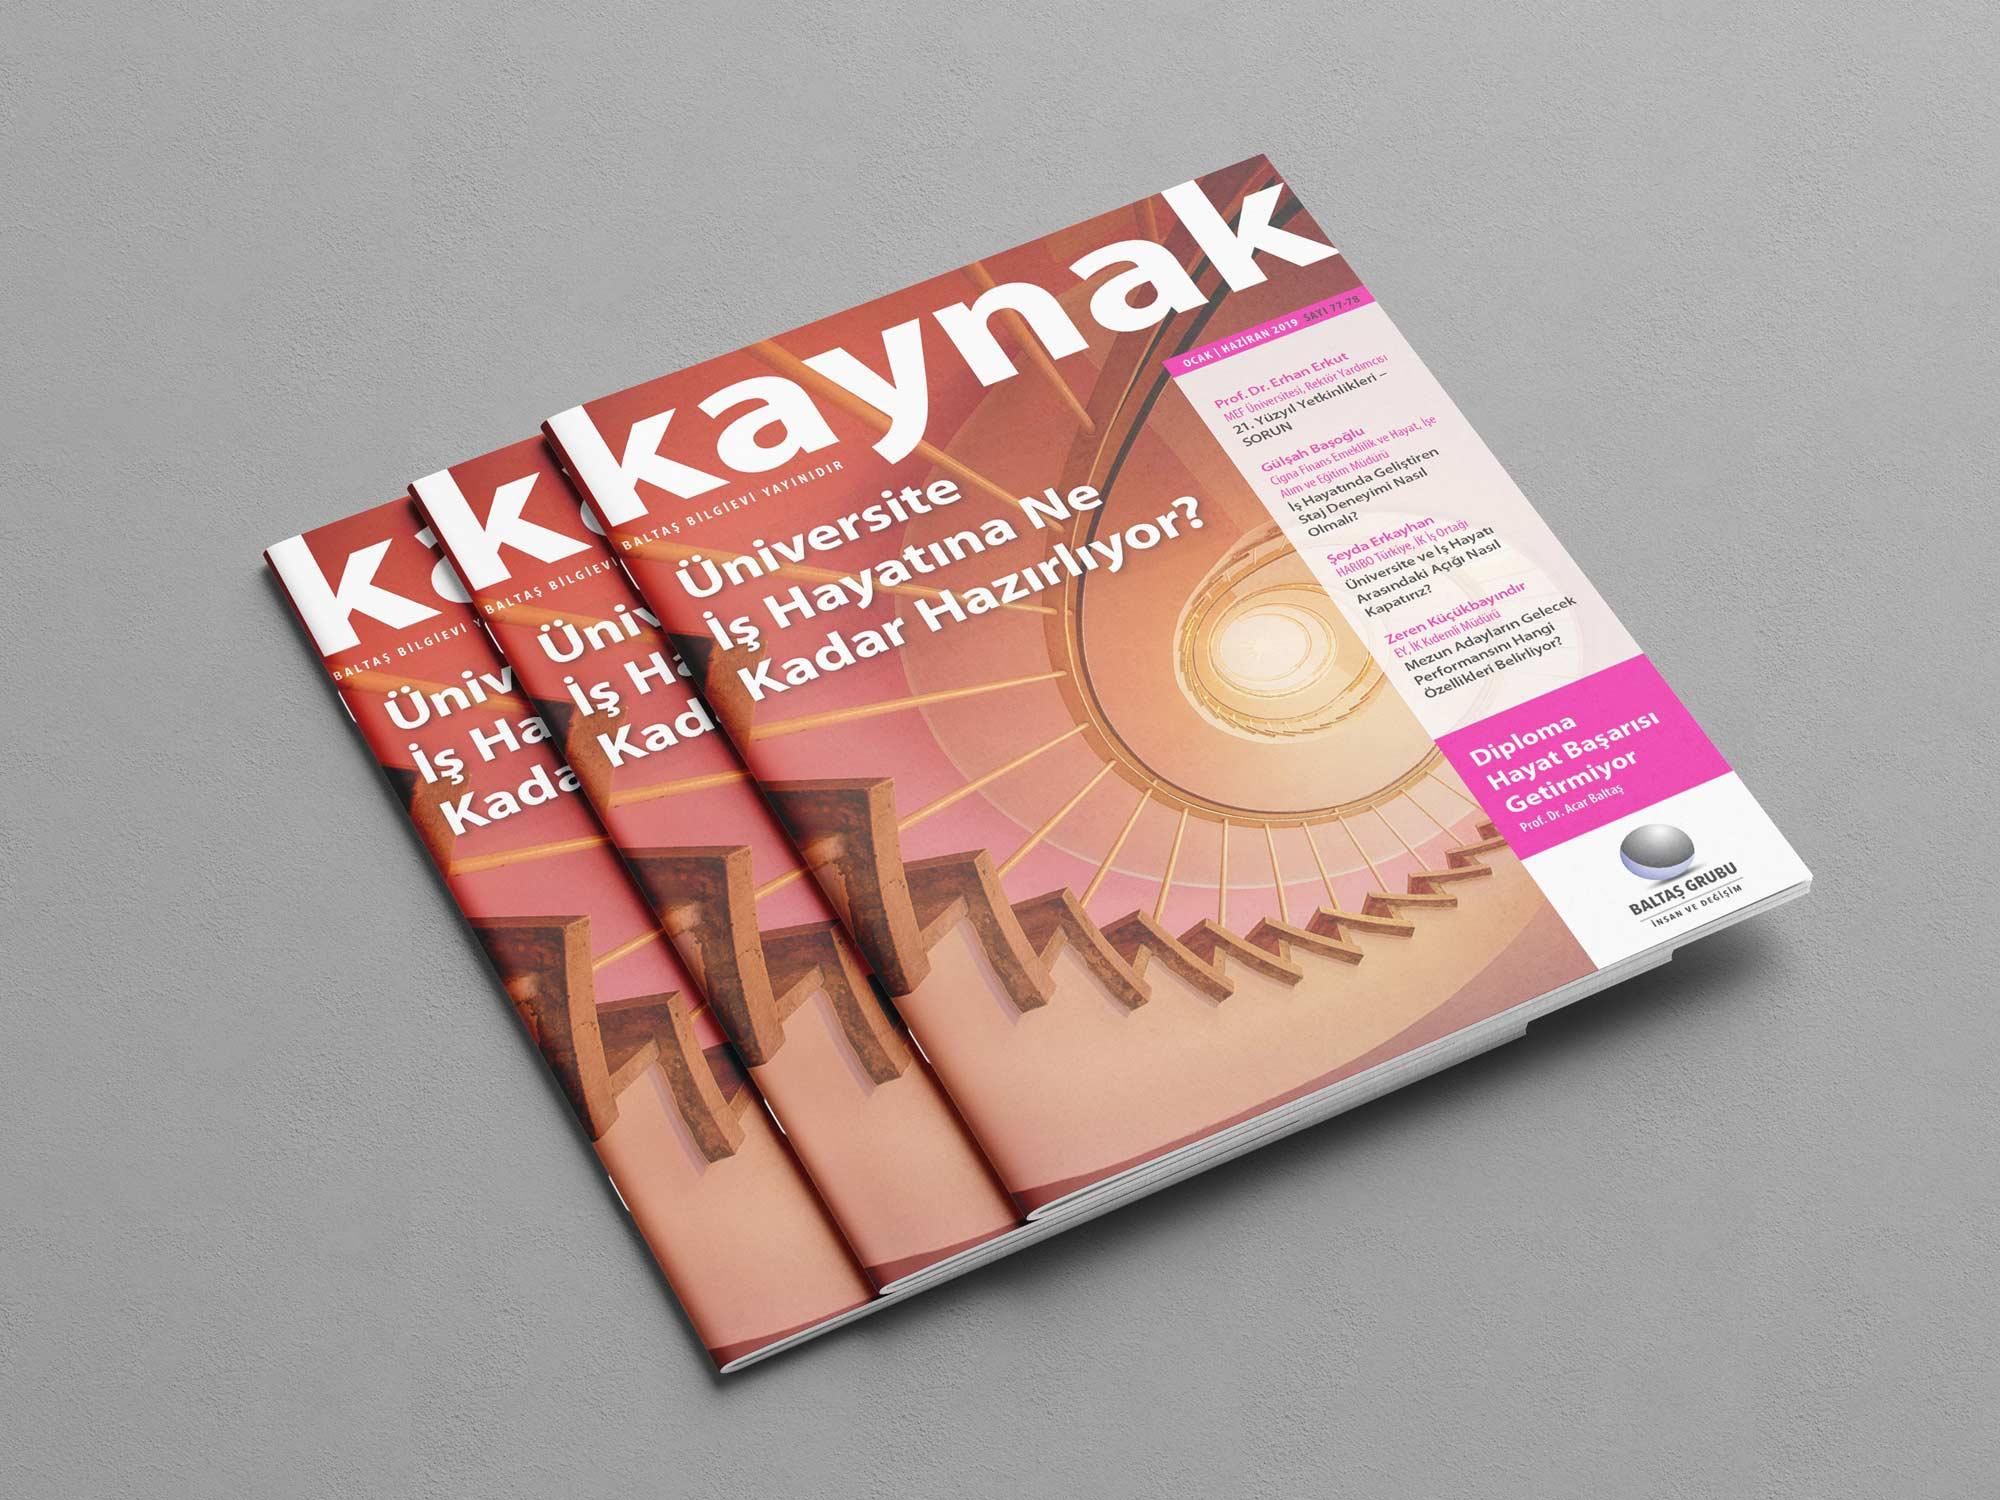 Layout-Baltas Kaynak Quarterly 01